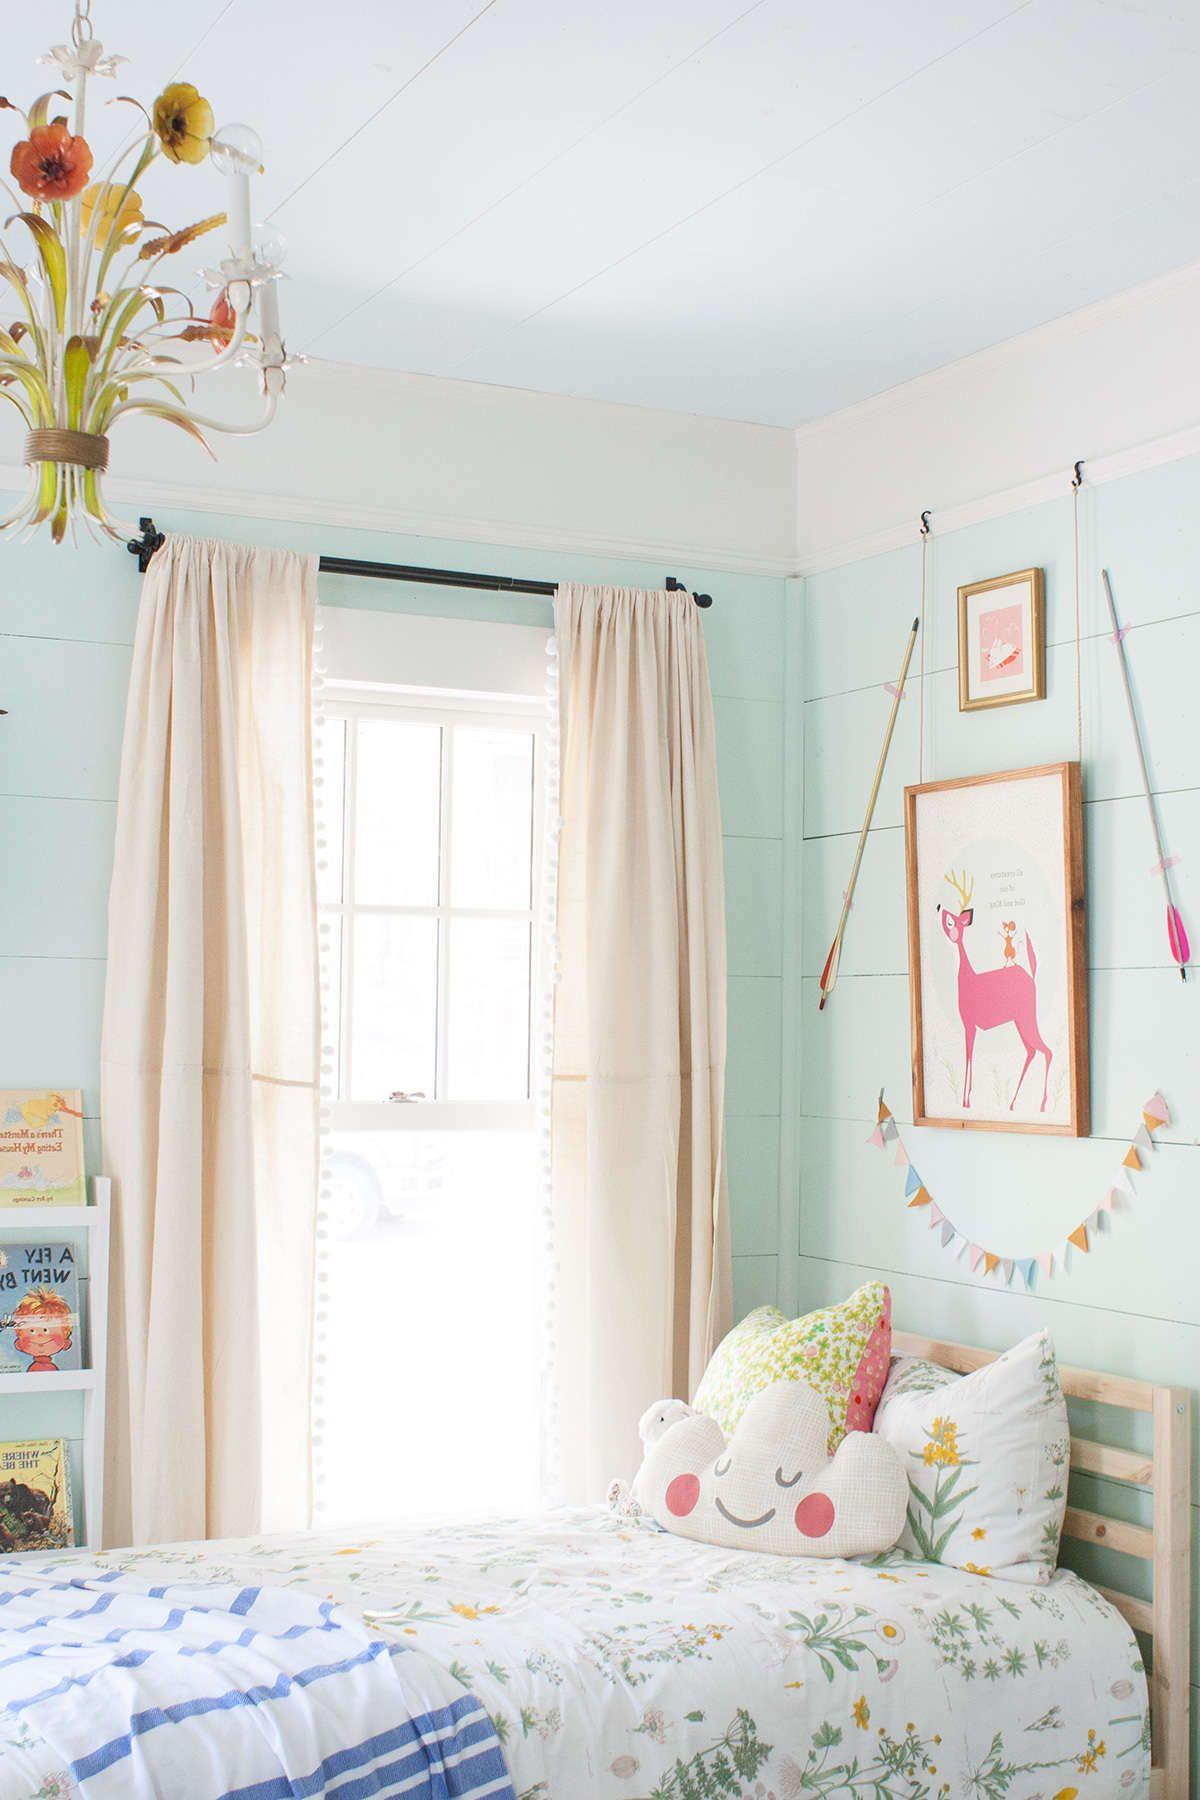 Ansprechend Schöne Kinderzimmer Ideen Von Die Schönsten Dekoideen Für Das